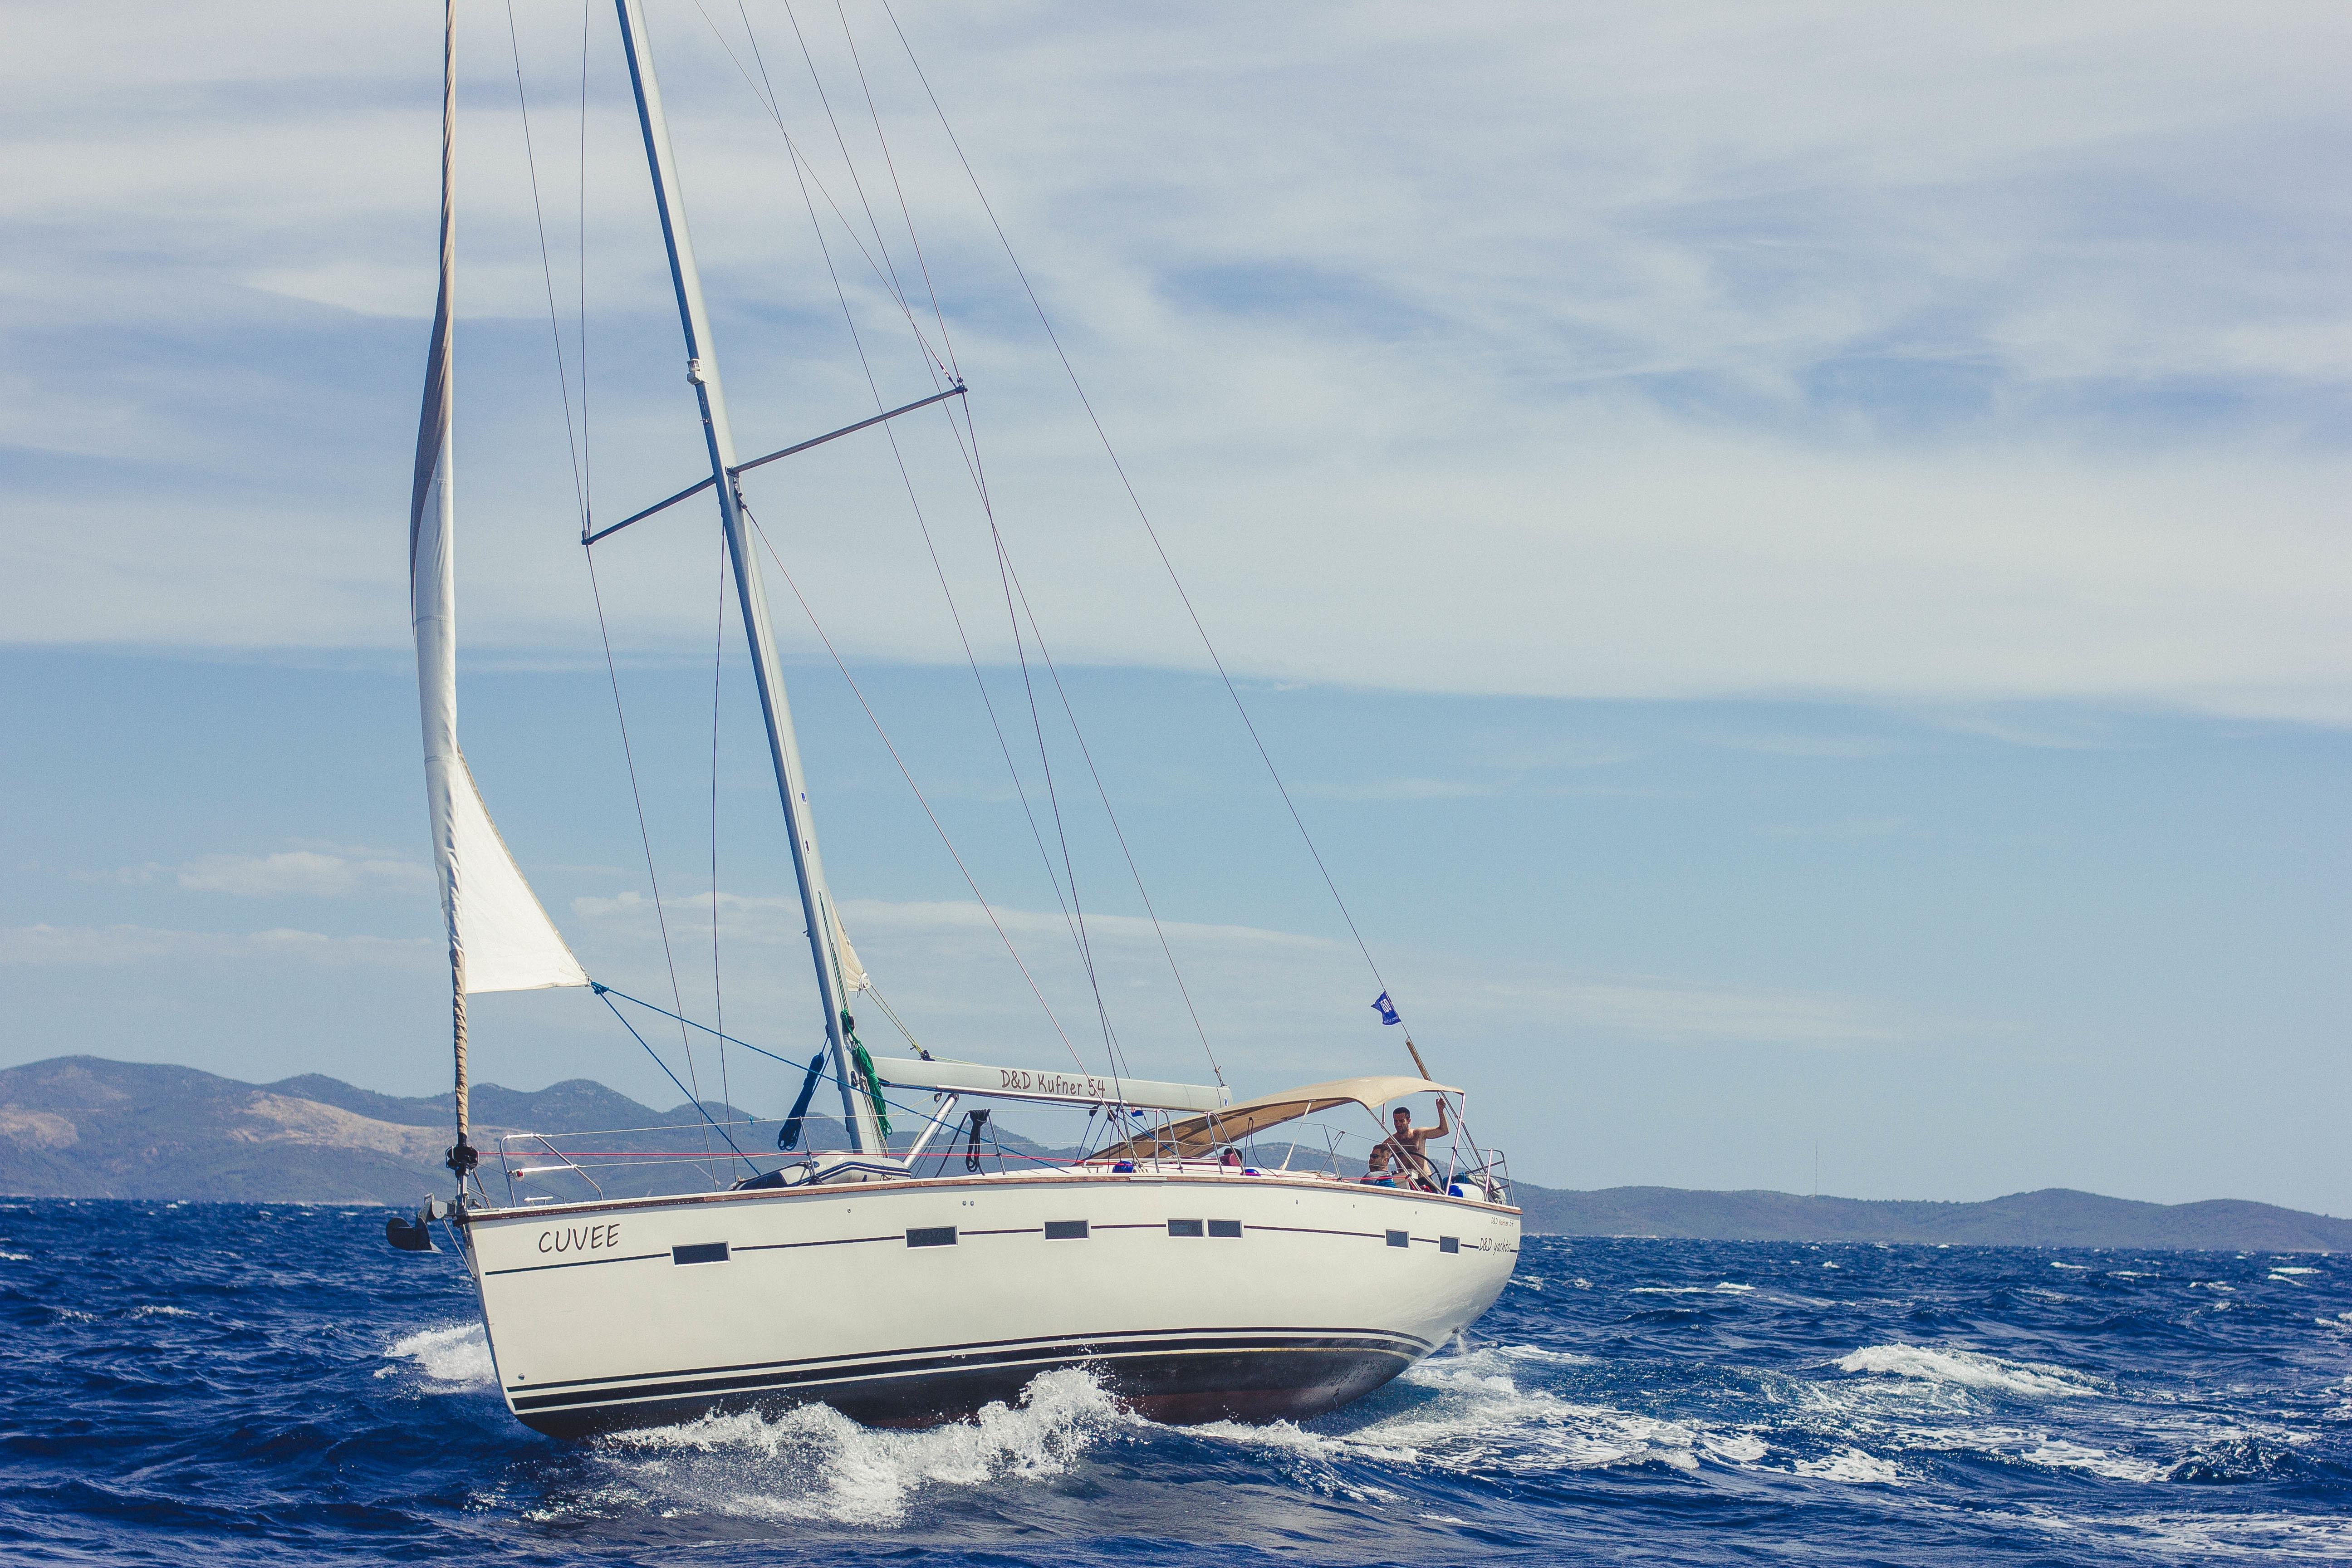 Picalls.com | Sailing boat at sea by Luka Radikovic.